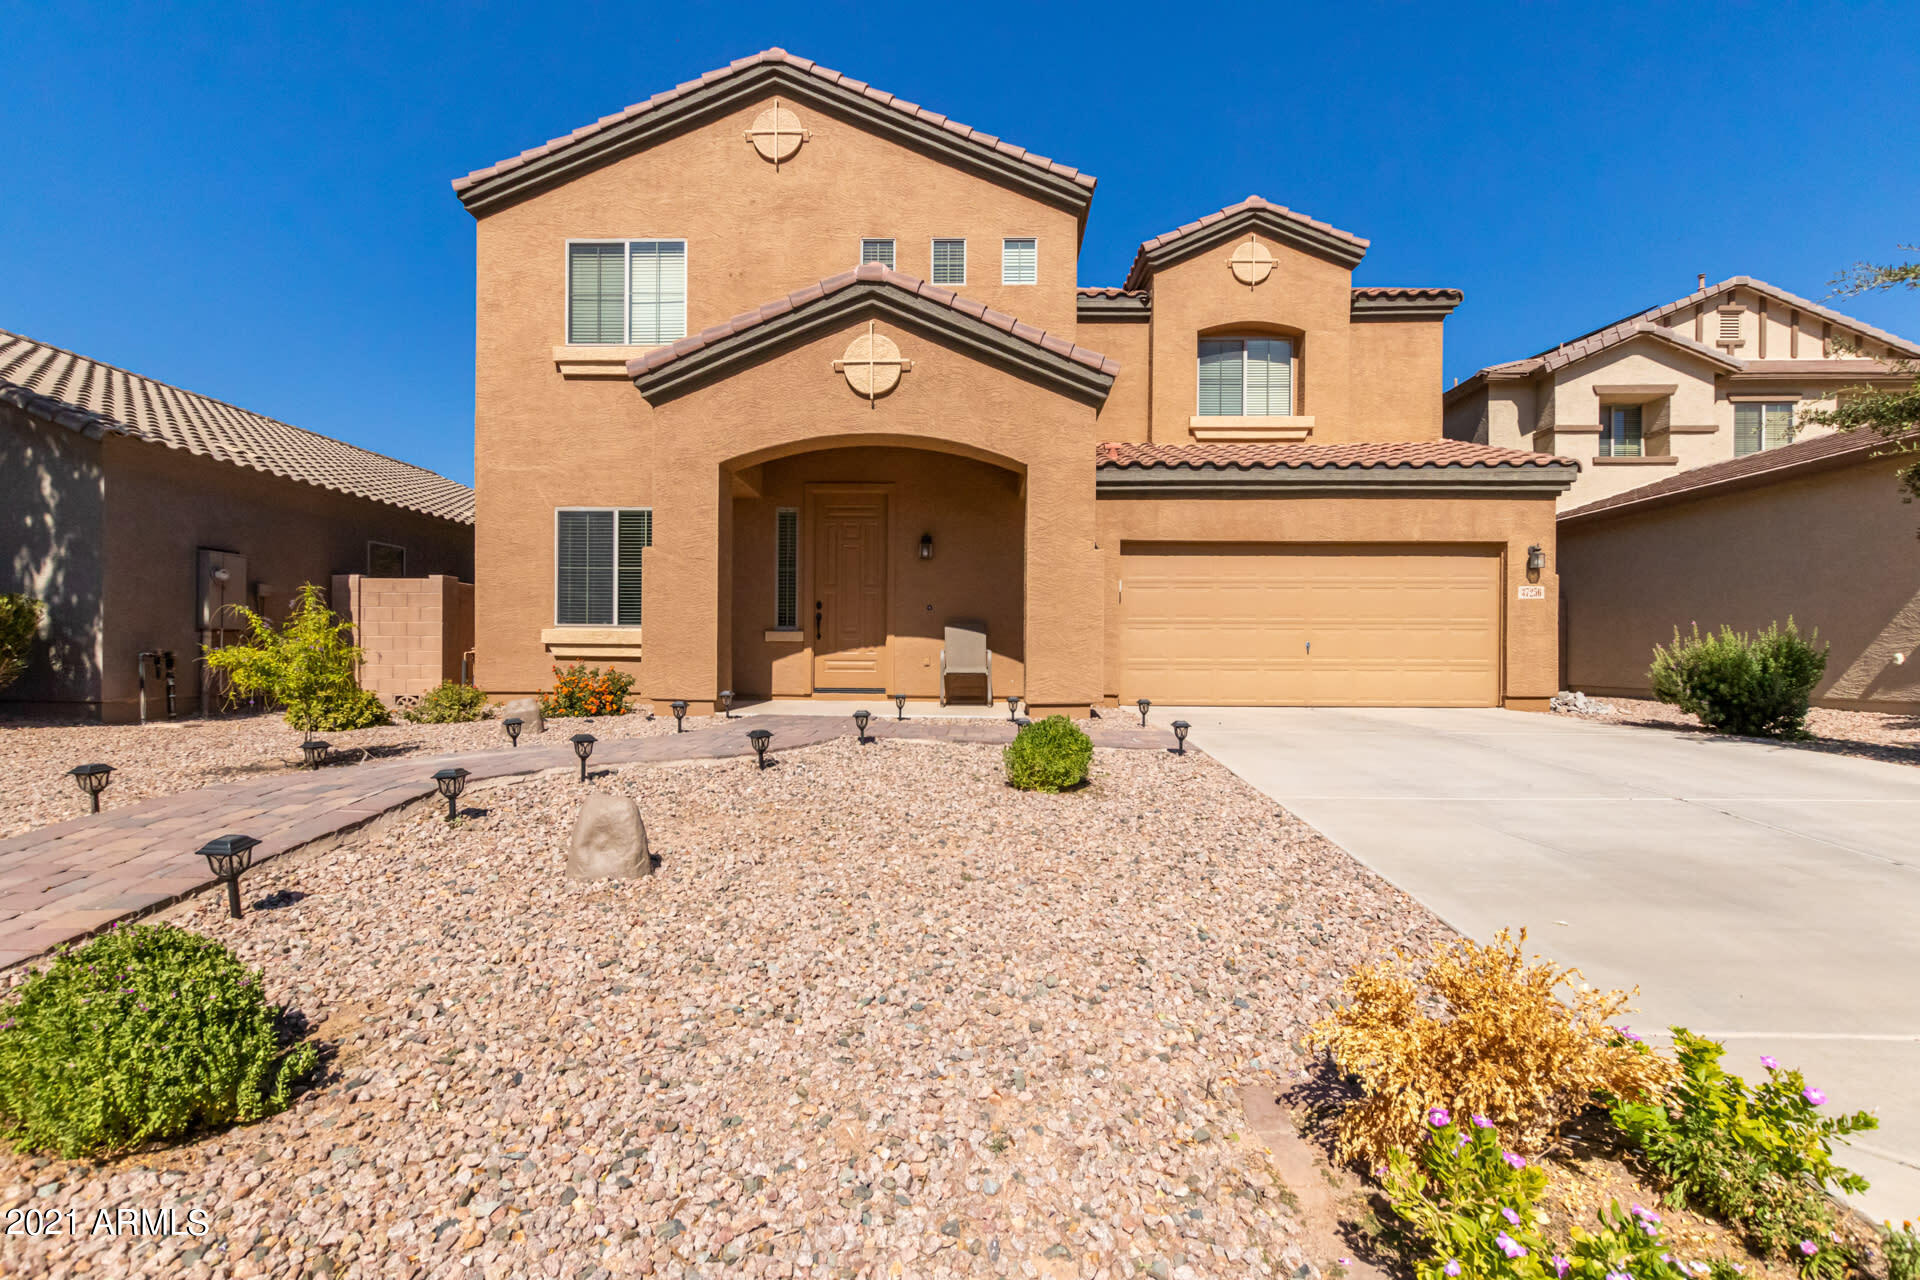 37256 W MERCED Street, Maricopa, AZ 85138, 3 Bedrooms Bedrooms, ,Residential,For Sale,37256 W MERCED Street,6310275